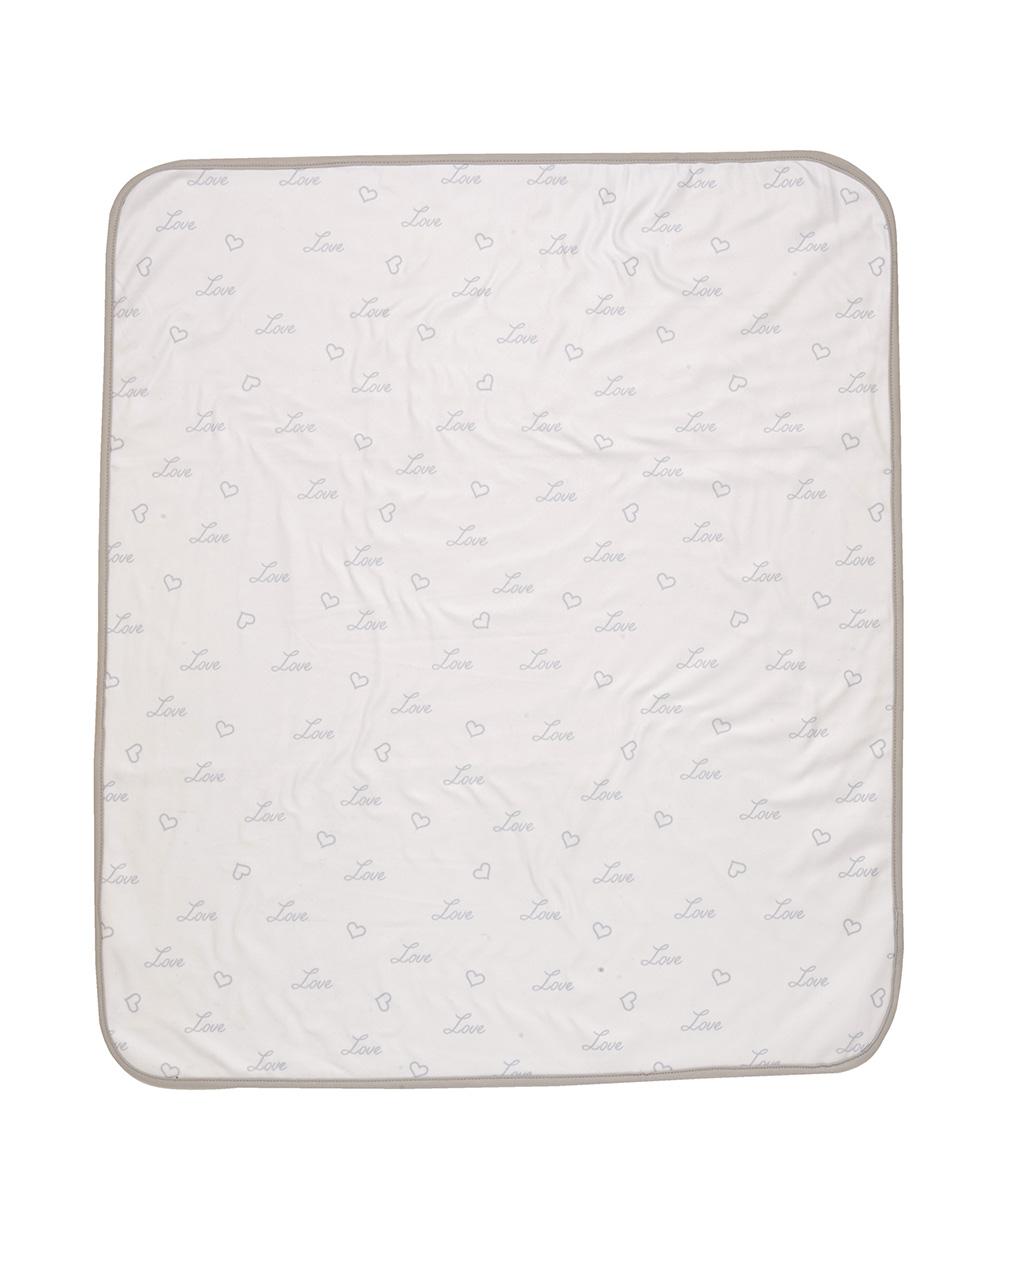 Κουβέρτα για Λίκνο από Pile Unisex - one size